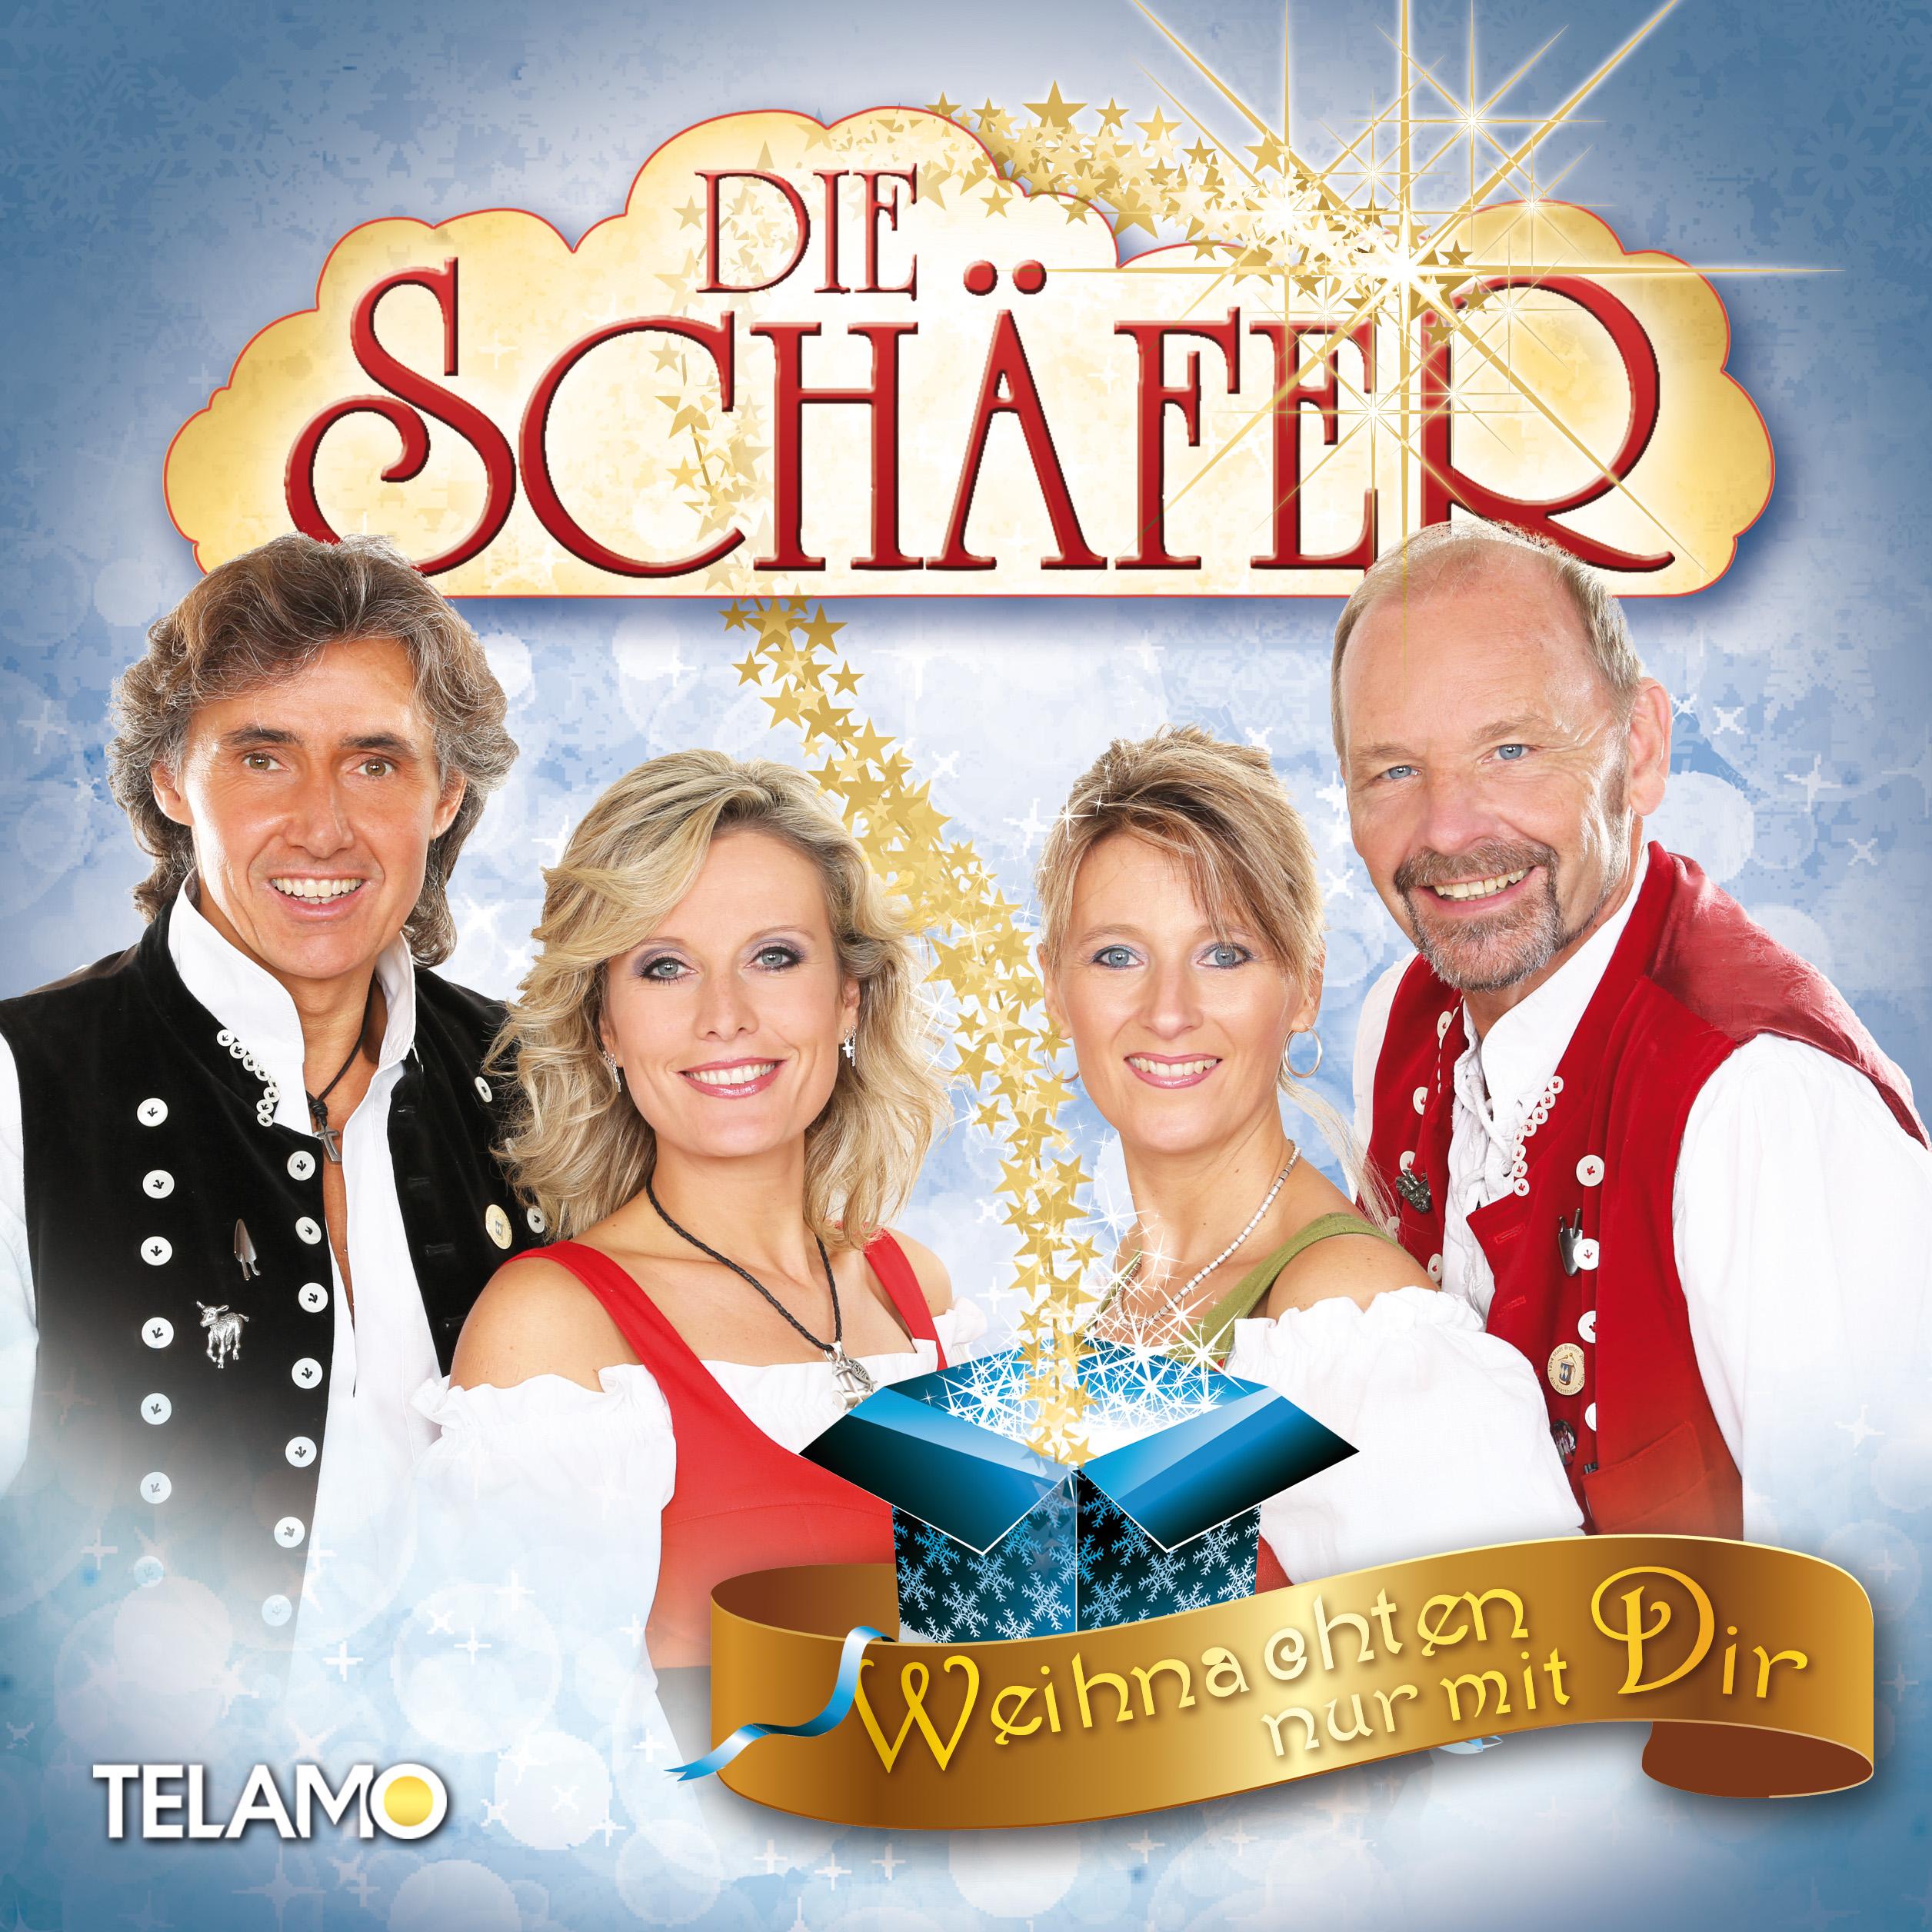 """Die neue Weihnachts-Single von den Schäfern """"Weihnachten nur mit dir ..."""